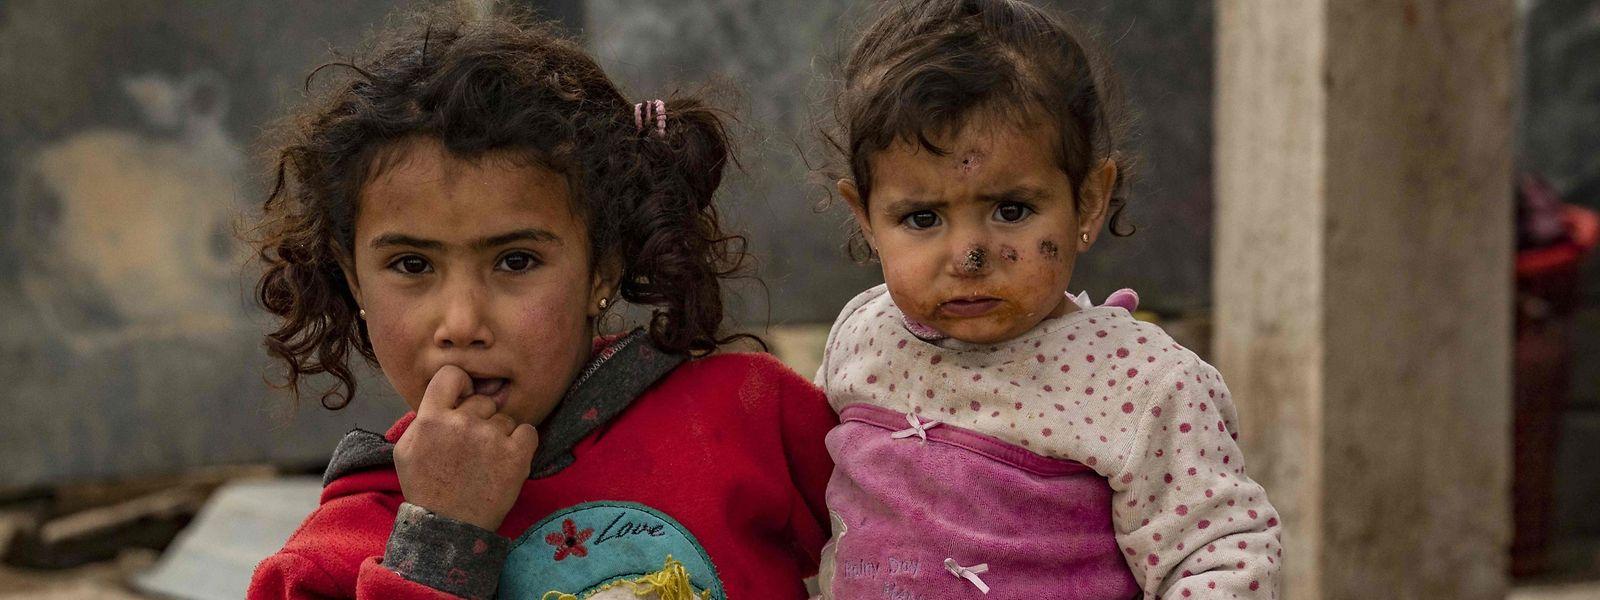 Le Luxembourg voulait accueillir des enfants syriens déplacés par la guerre. Le virus en a décidé autrement.